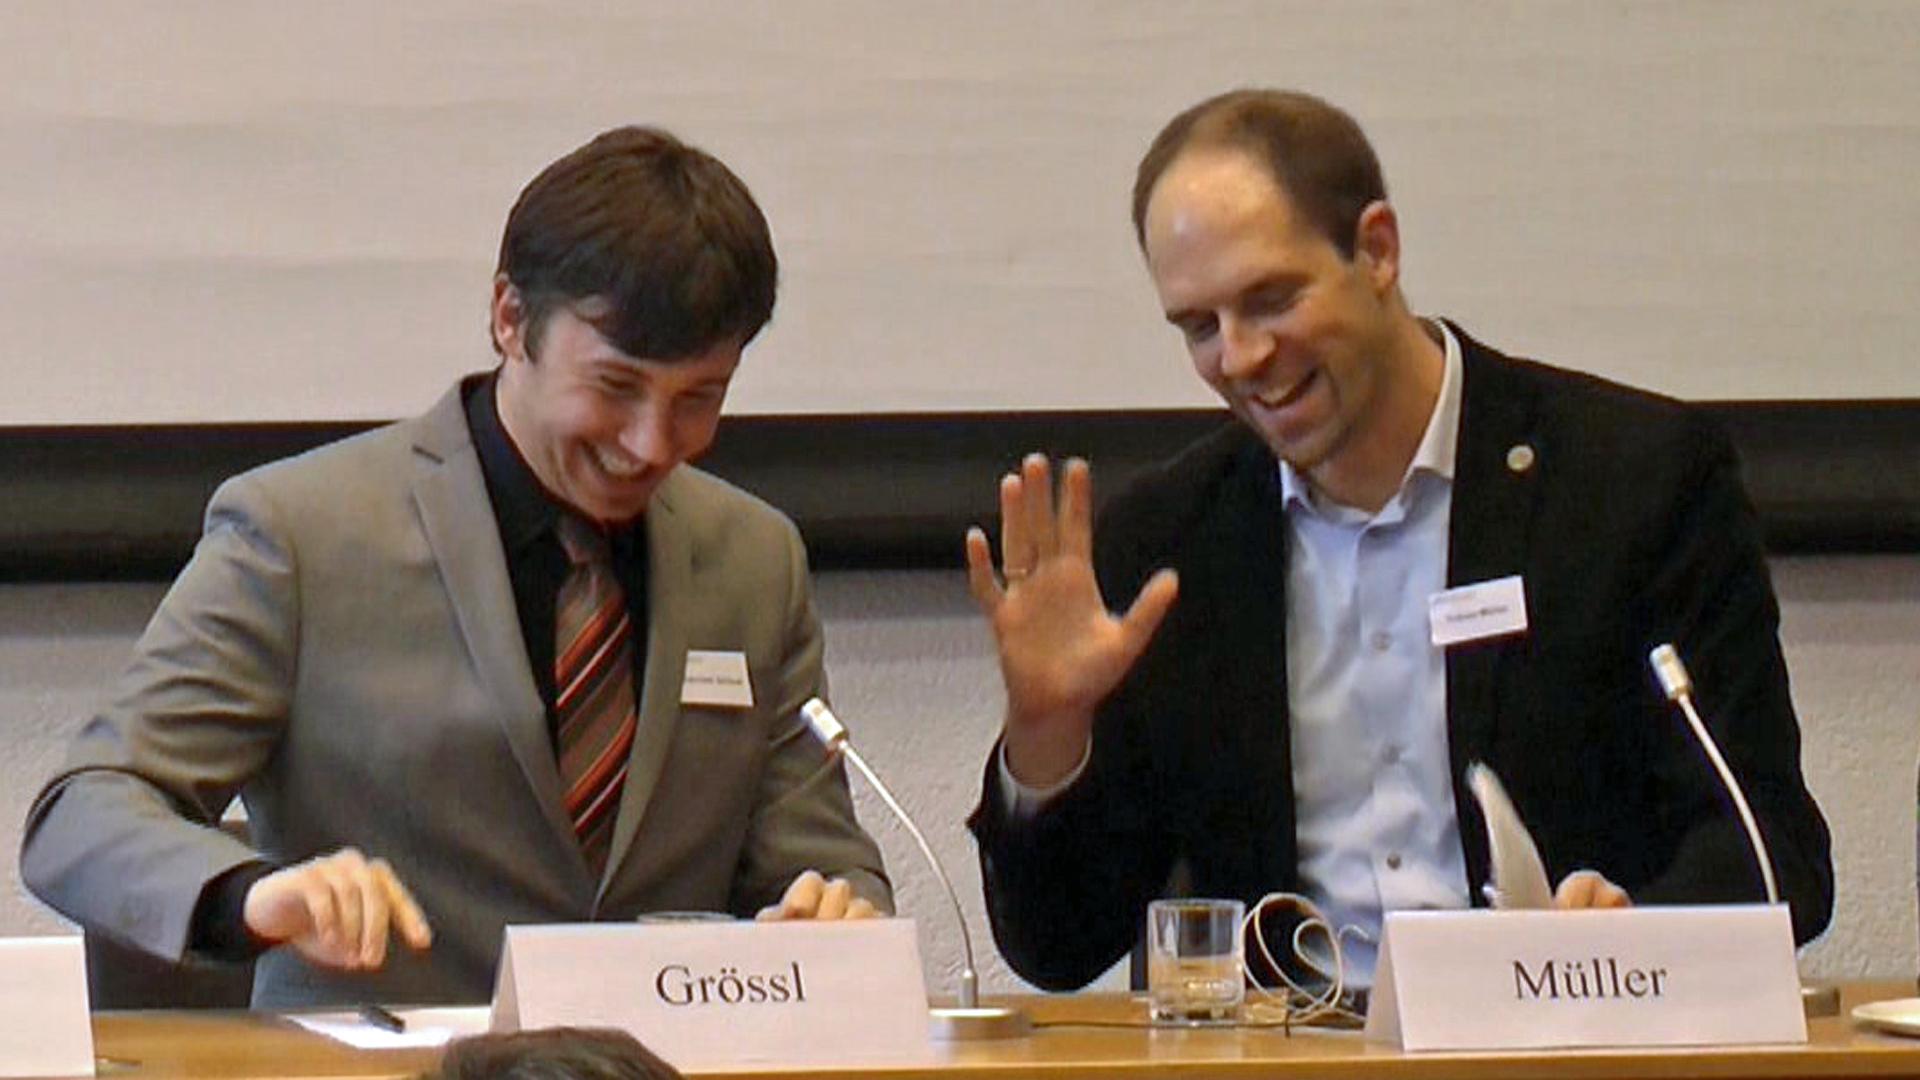 Dr. Johannes Grössl, Dr. Tobias Müller